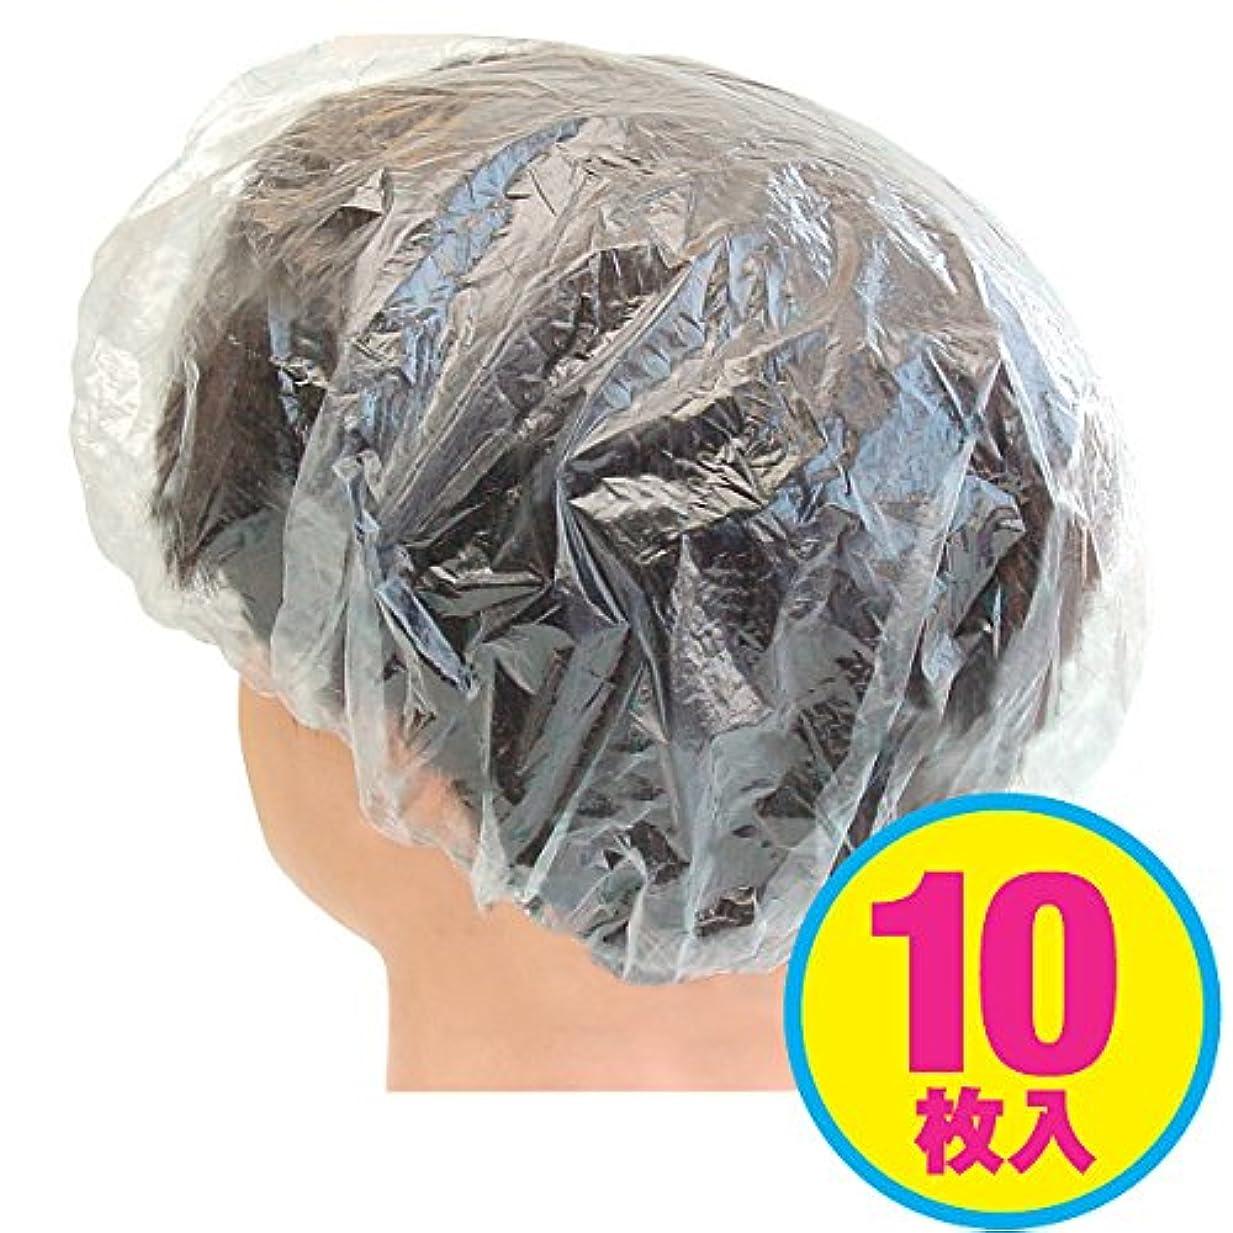 エントリ好戦的な辞任使い捨て【シャワーキャップ】業務用10枚入 ビニール製(髪を染める時や、個包装なので旅行用にも)